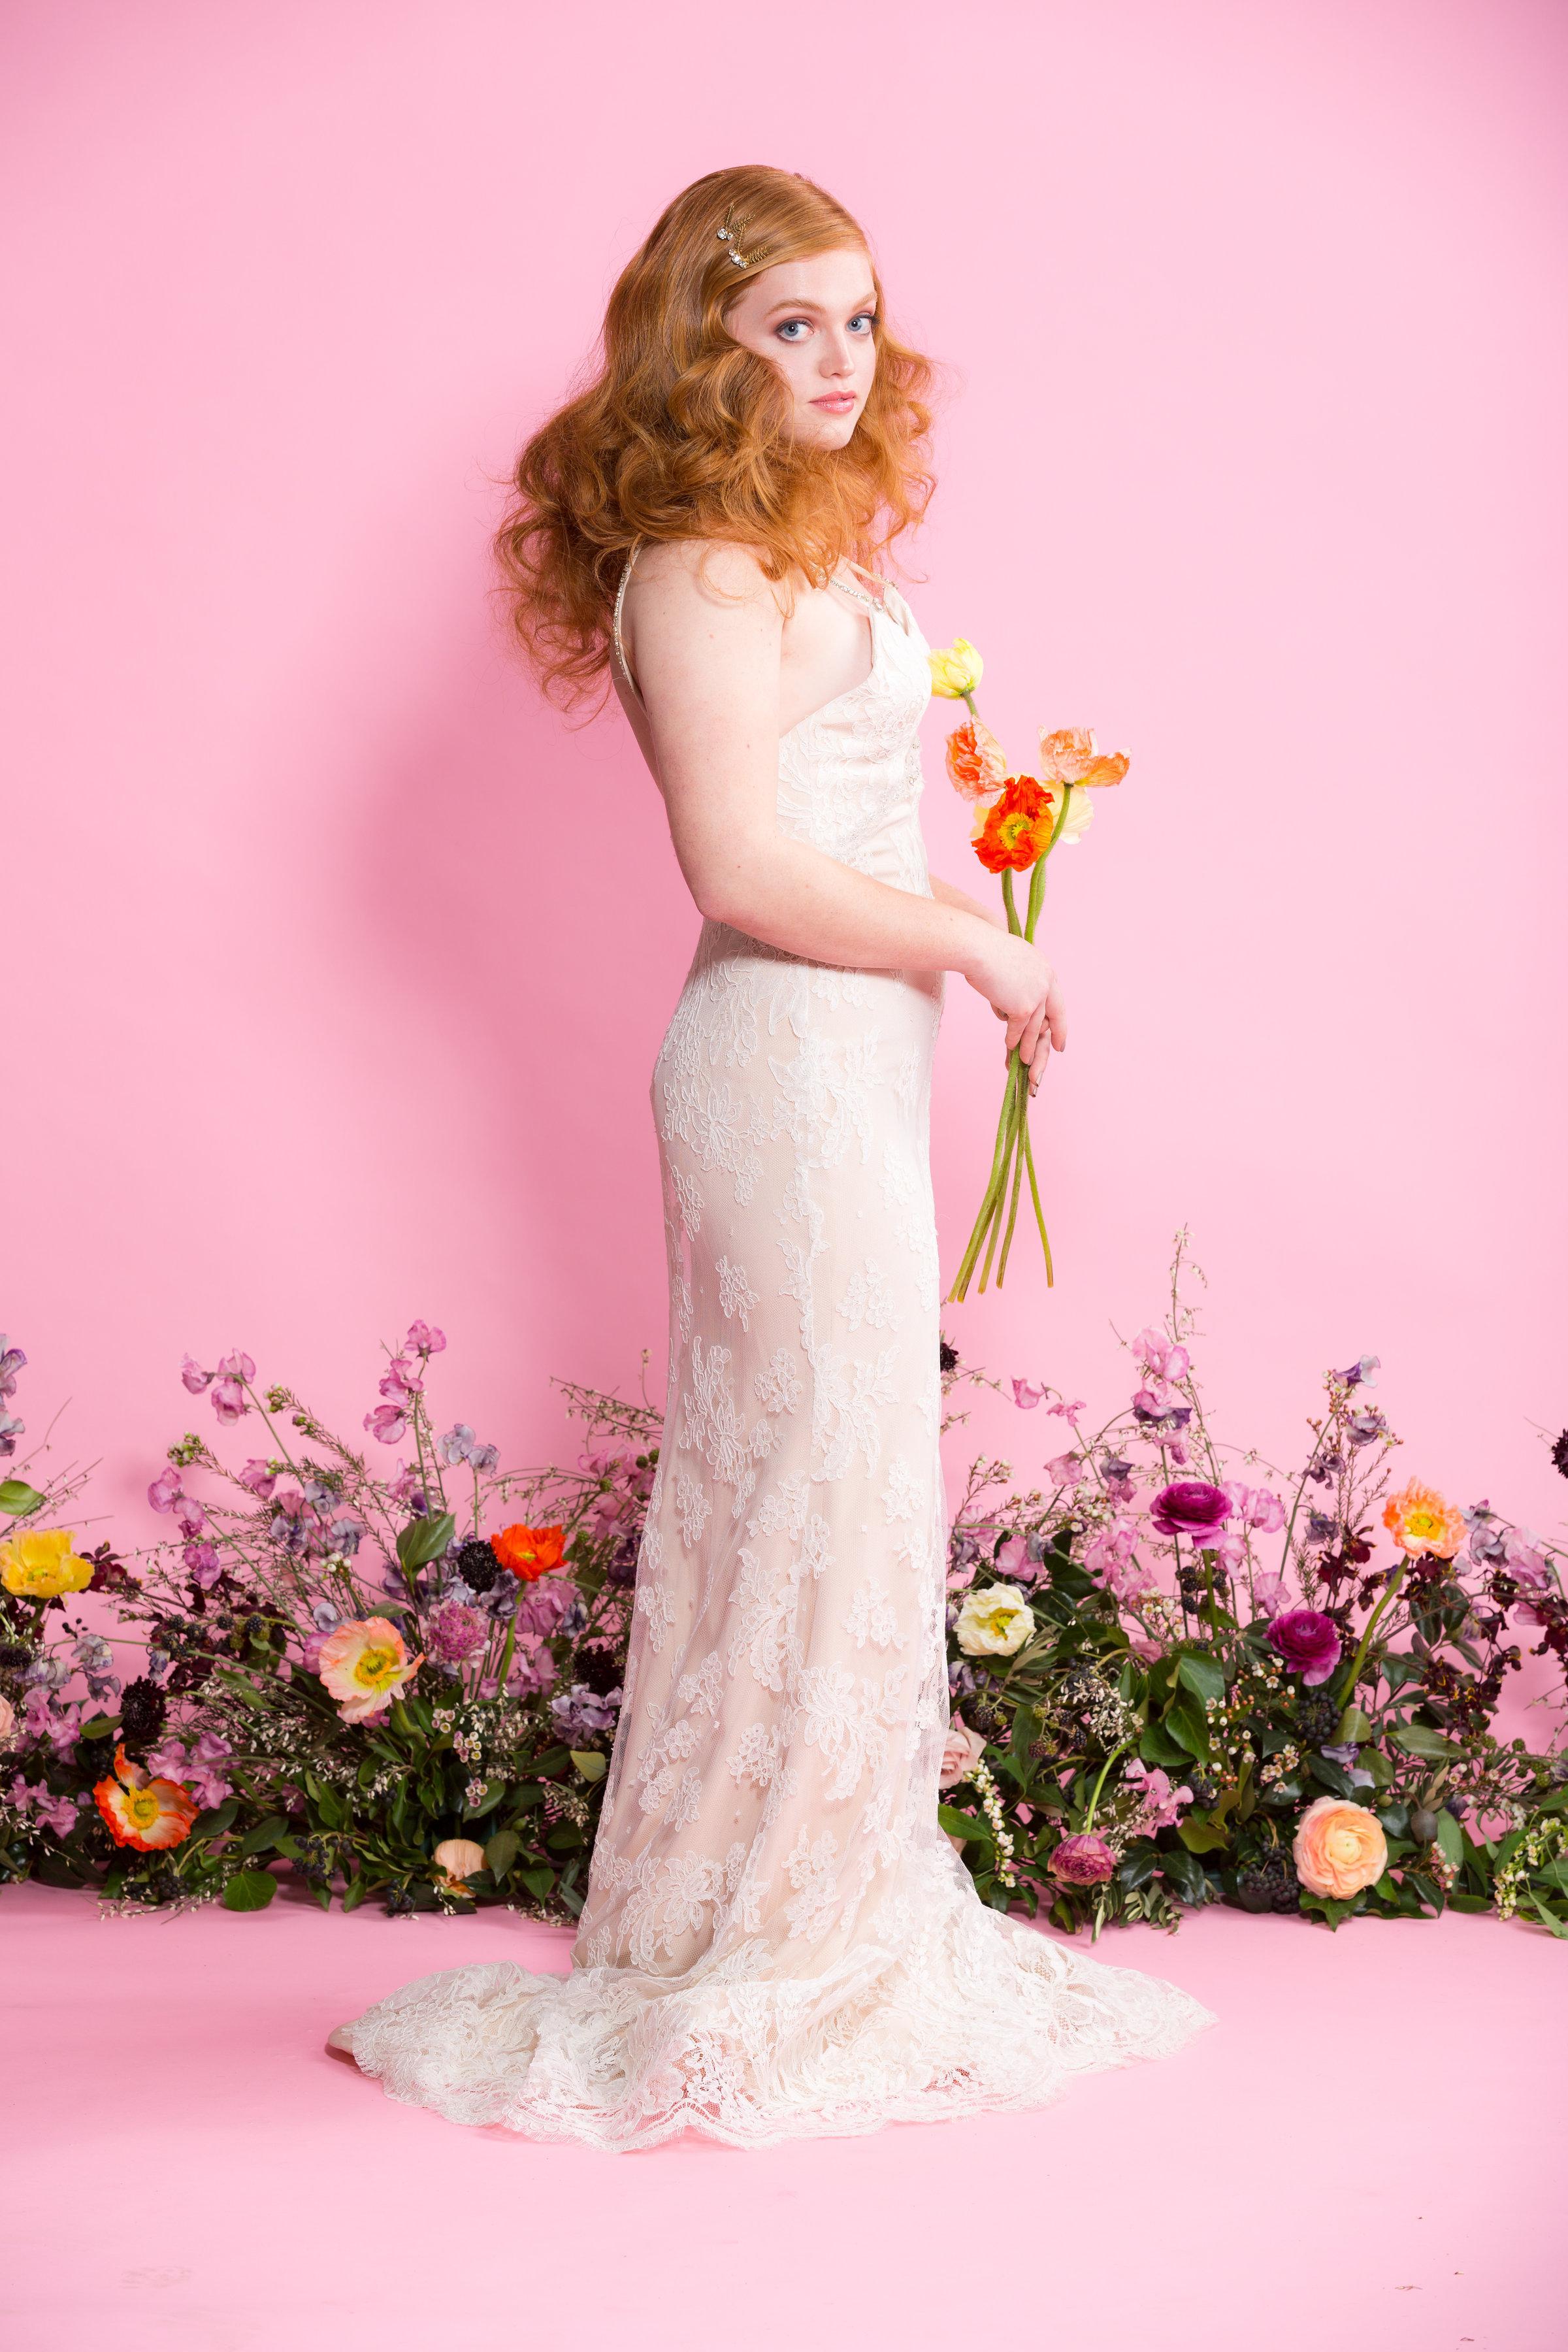 BridalBeauty_PinkLook_177.jpg